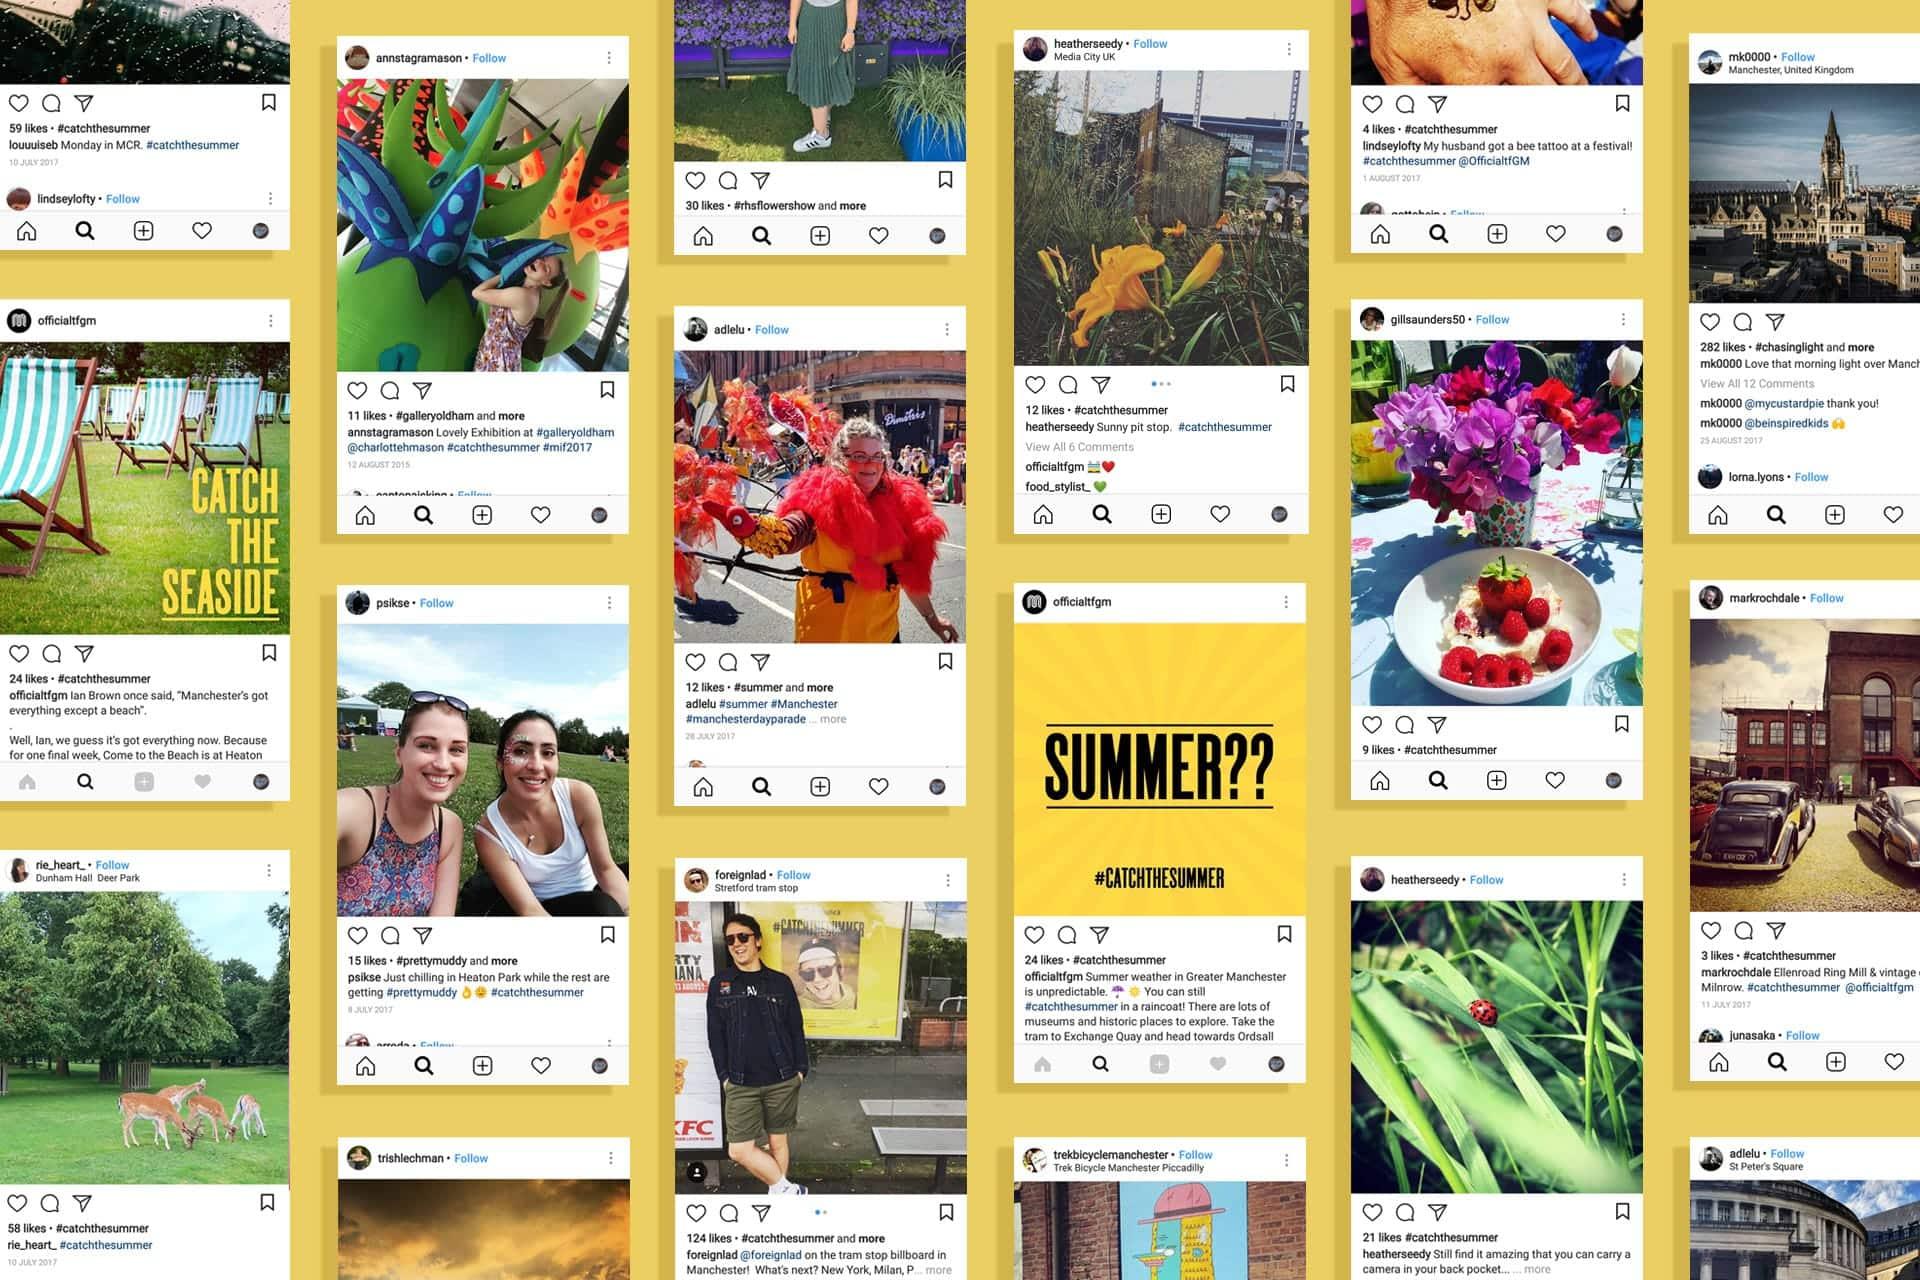 social media marketing creative campaign summer OOH travel transport